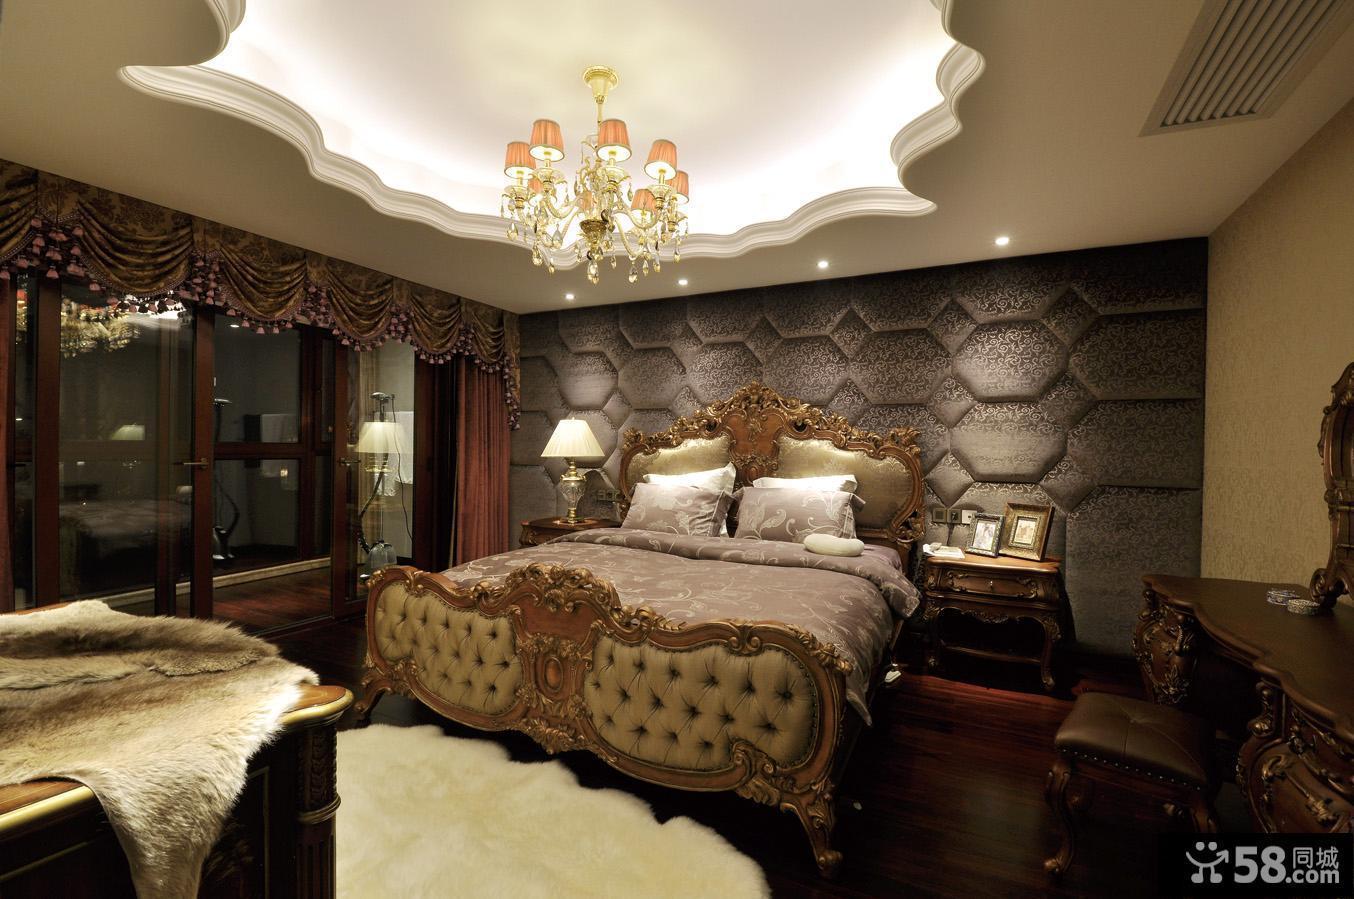 20平米欧式古典风格卧室装修效果图